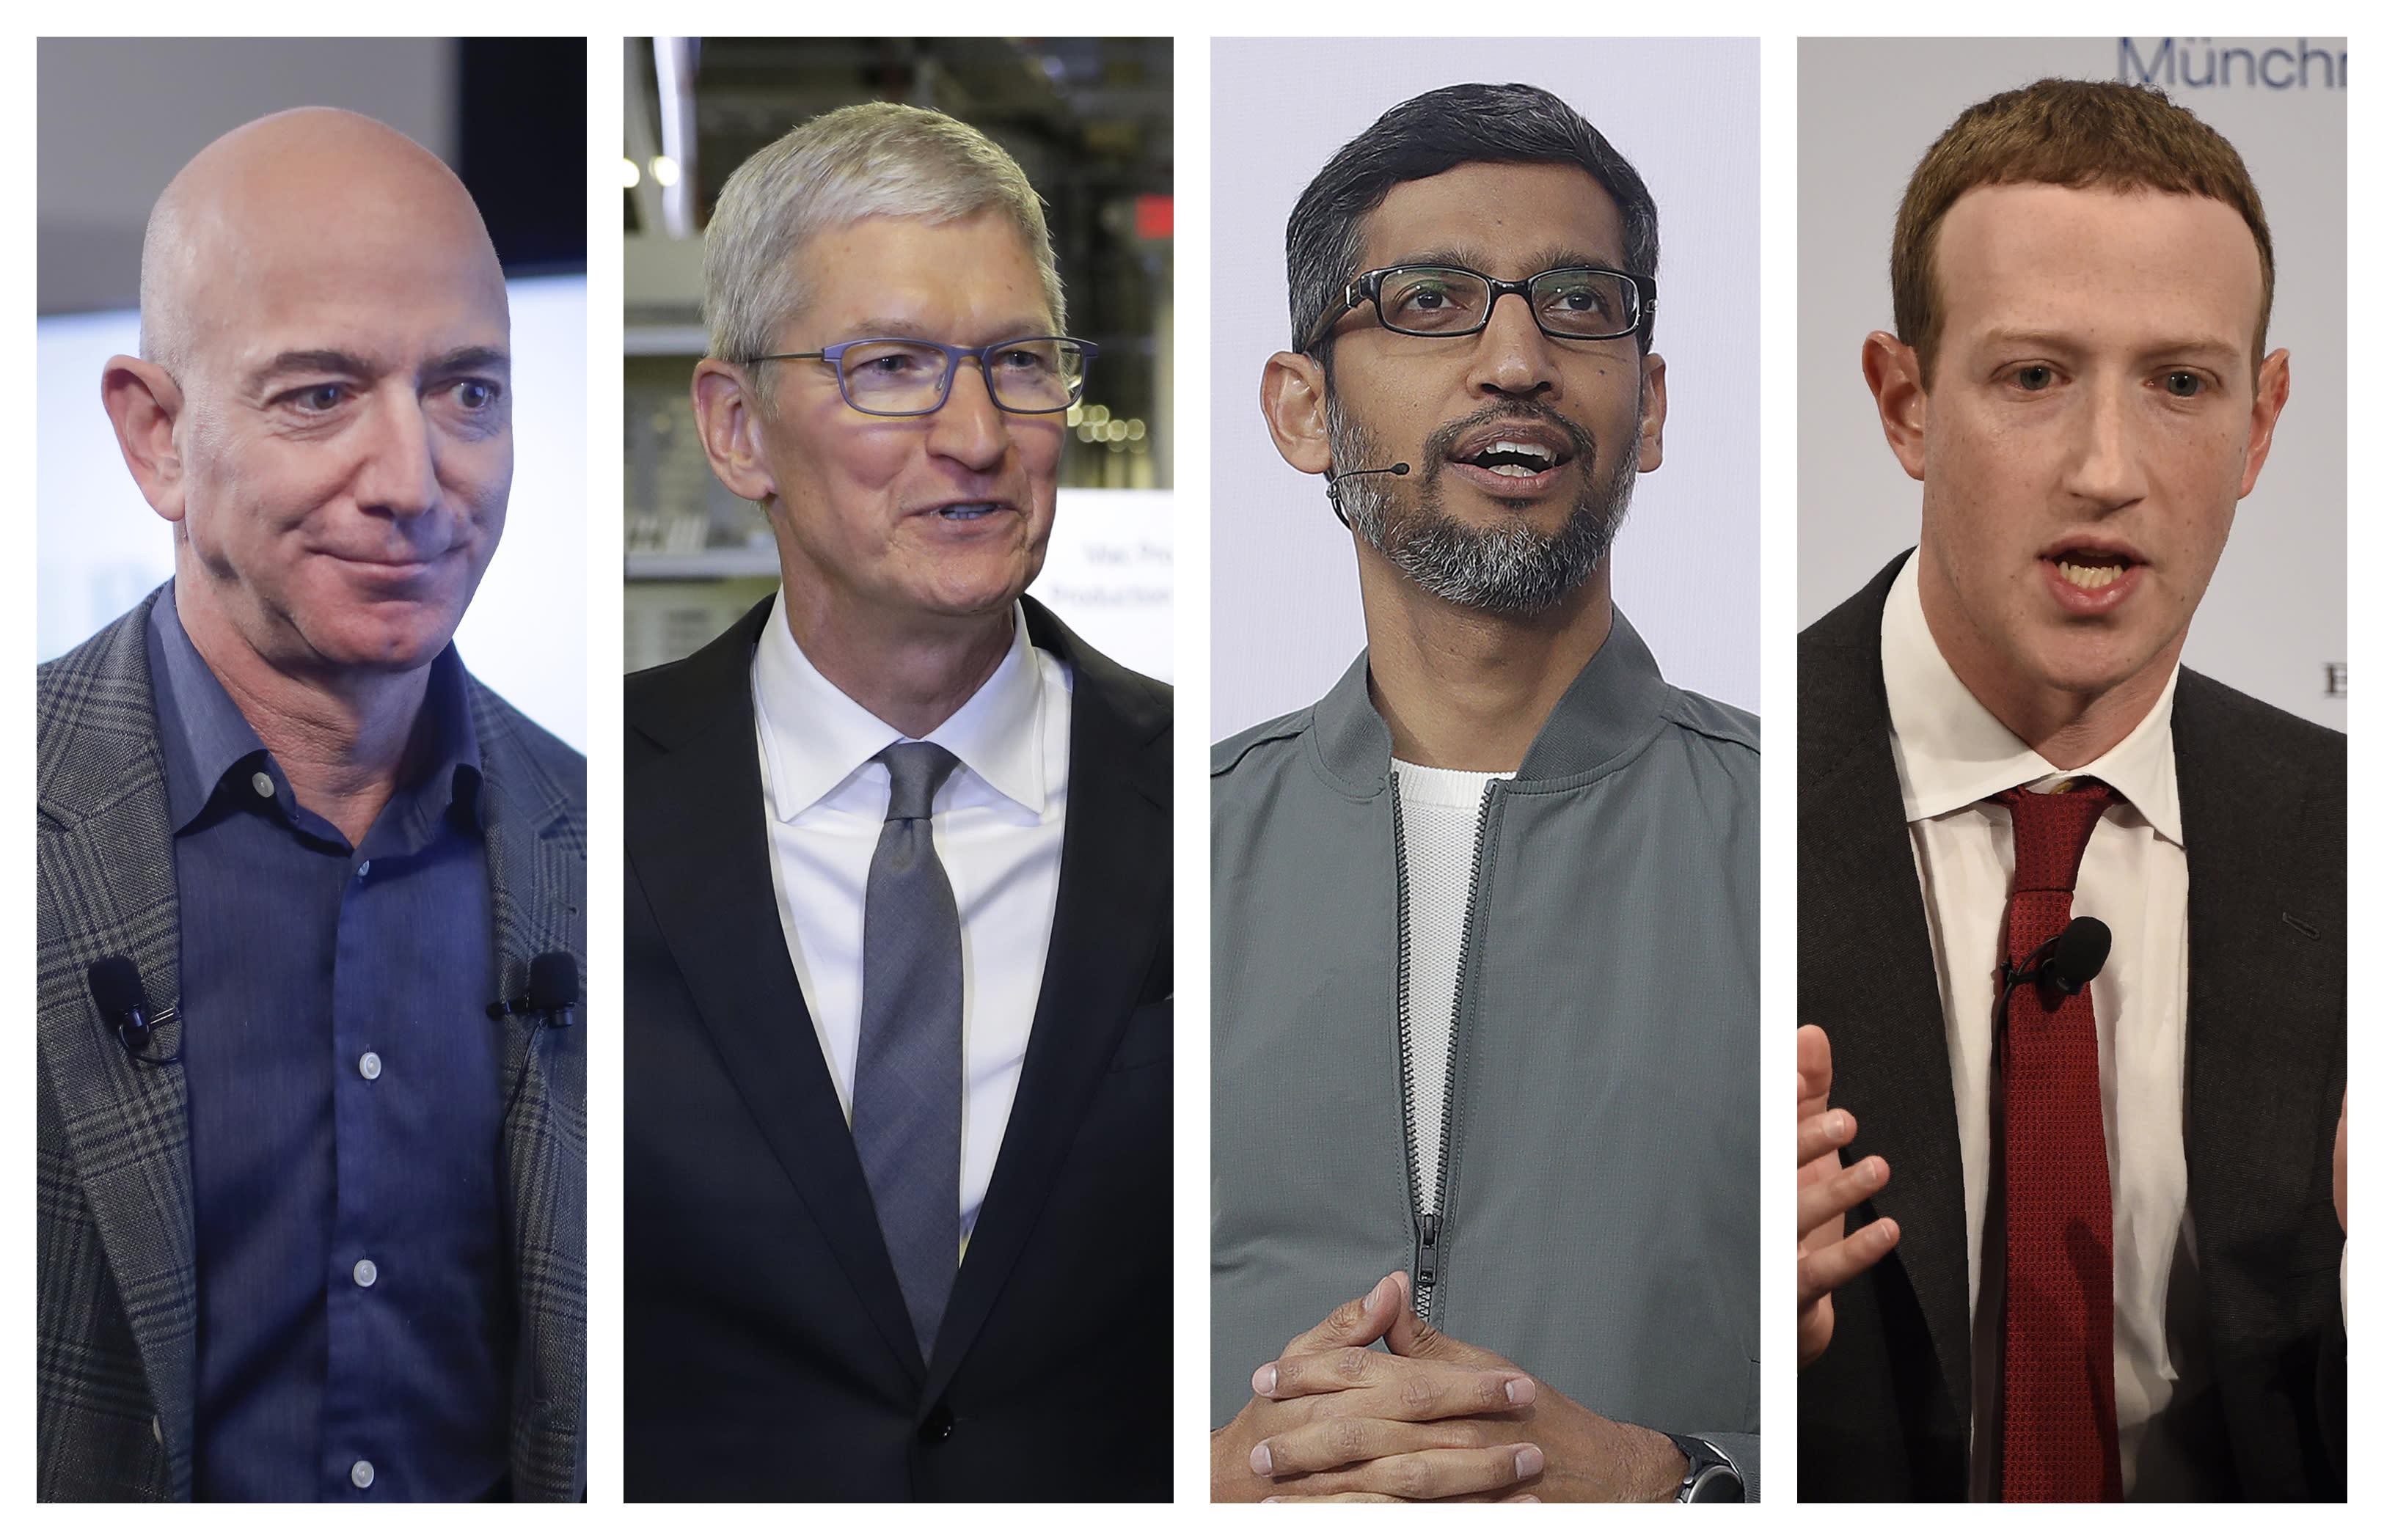 US Congress Tech CEOs